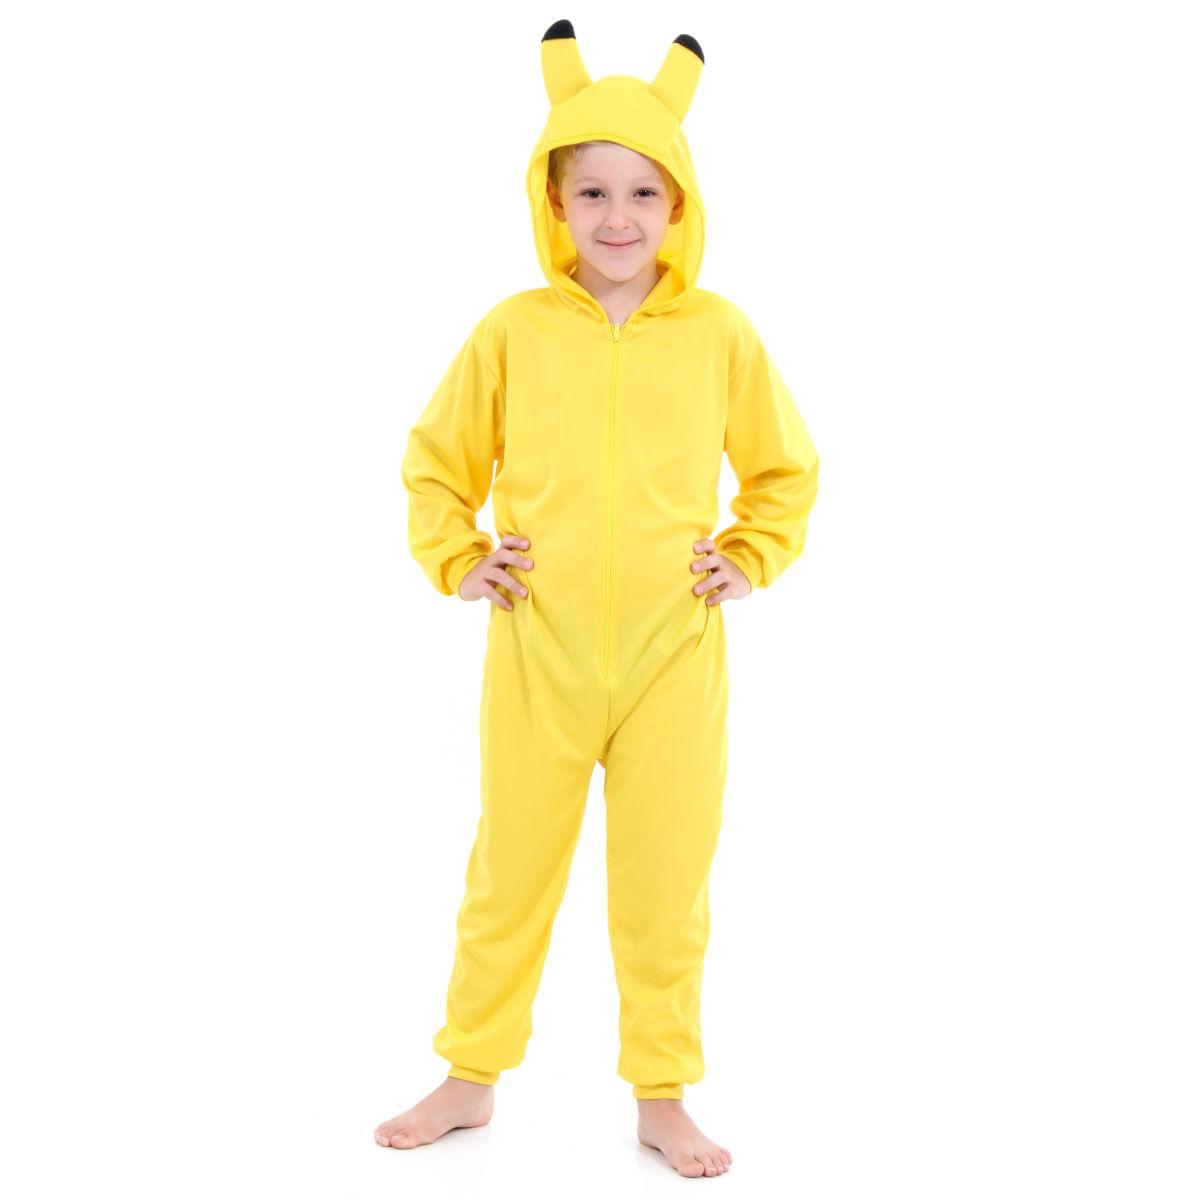 Fantasia Macacão Amarelo Pikachu